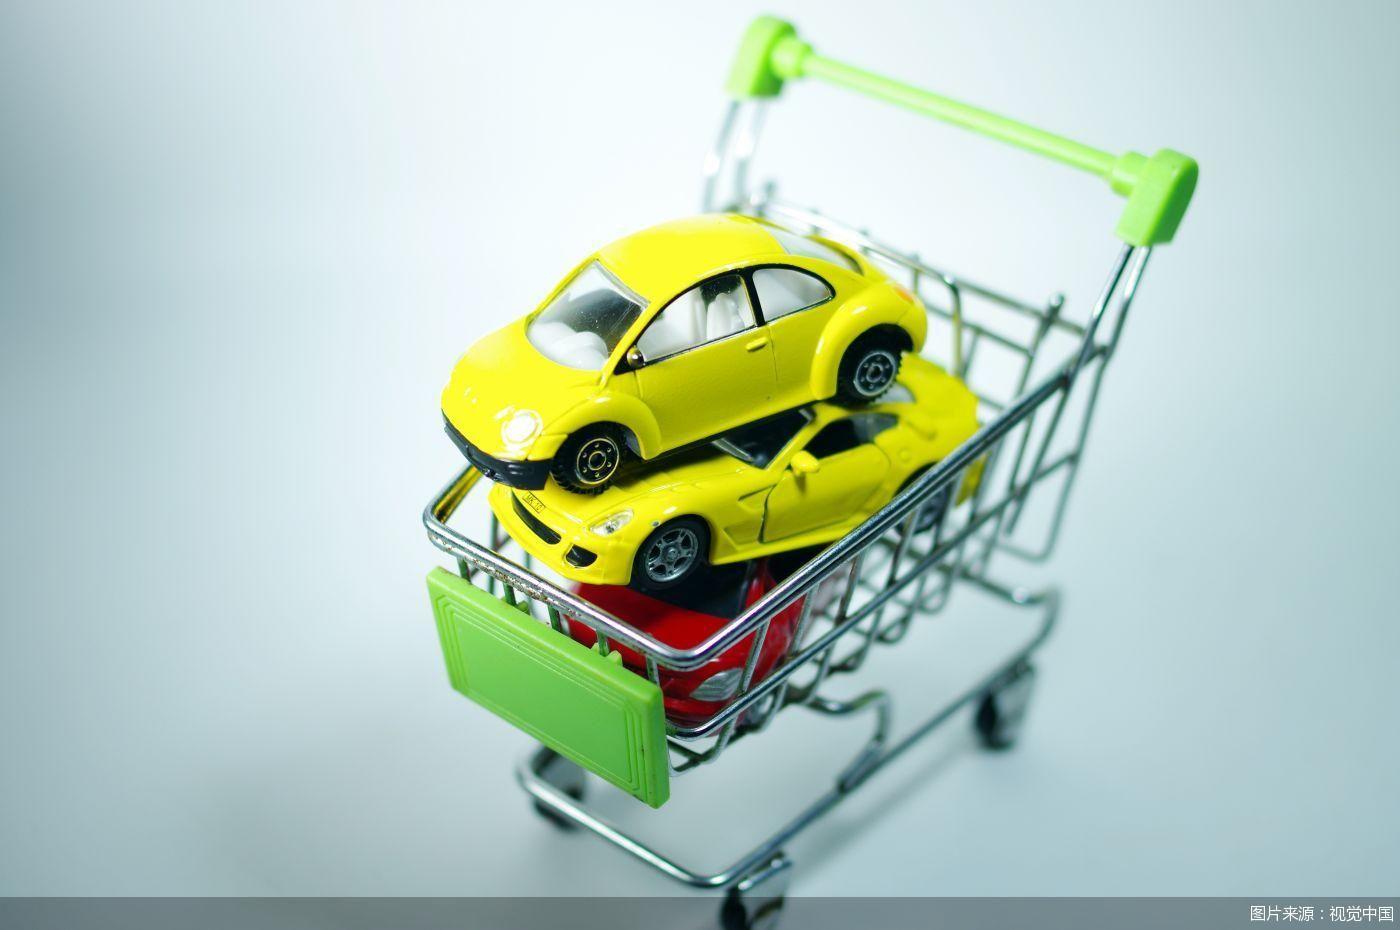 usdt官网下载(www.6allbet.com):汽车下乡、餐饮创新 新年消费多点蓄力